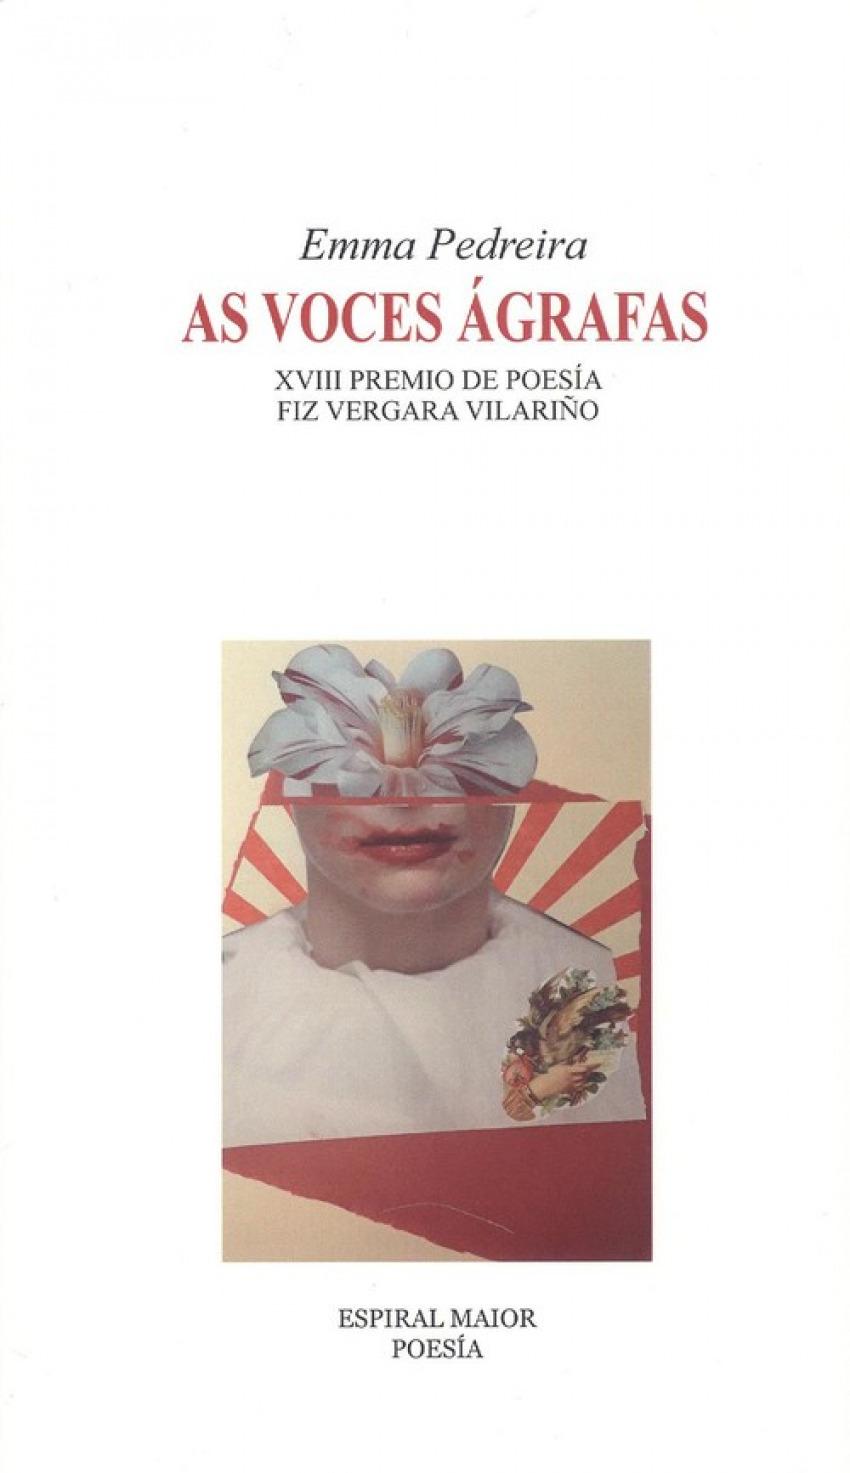 AS VOCES ÁGRAFAS